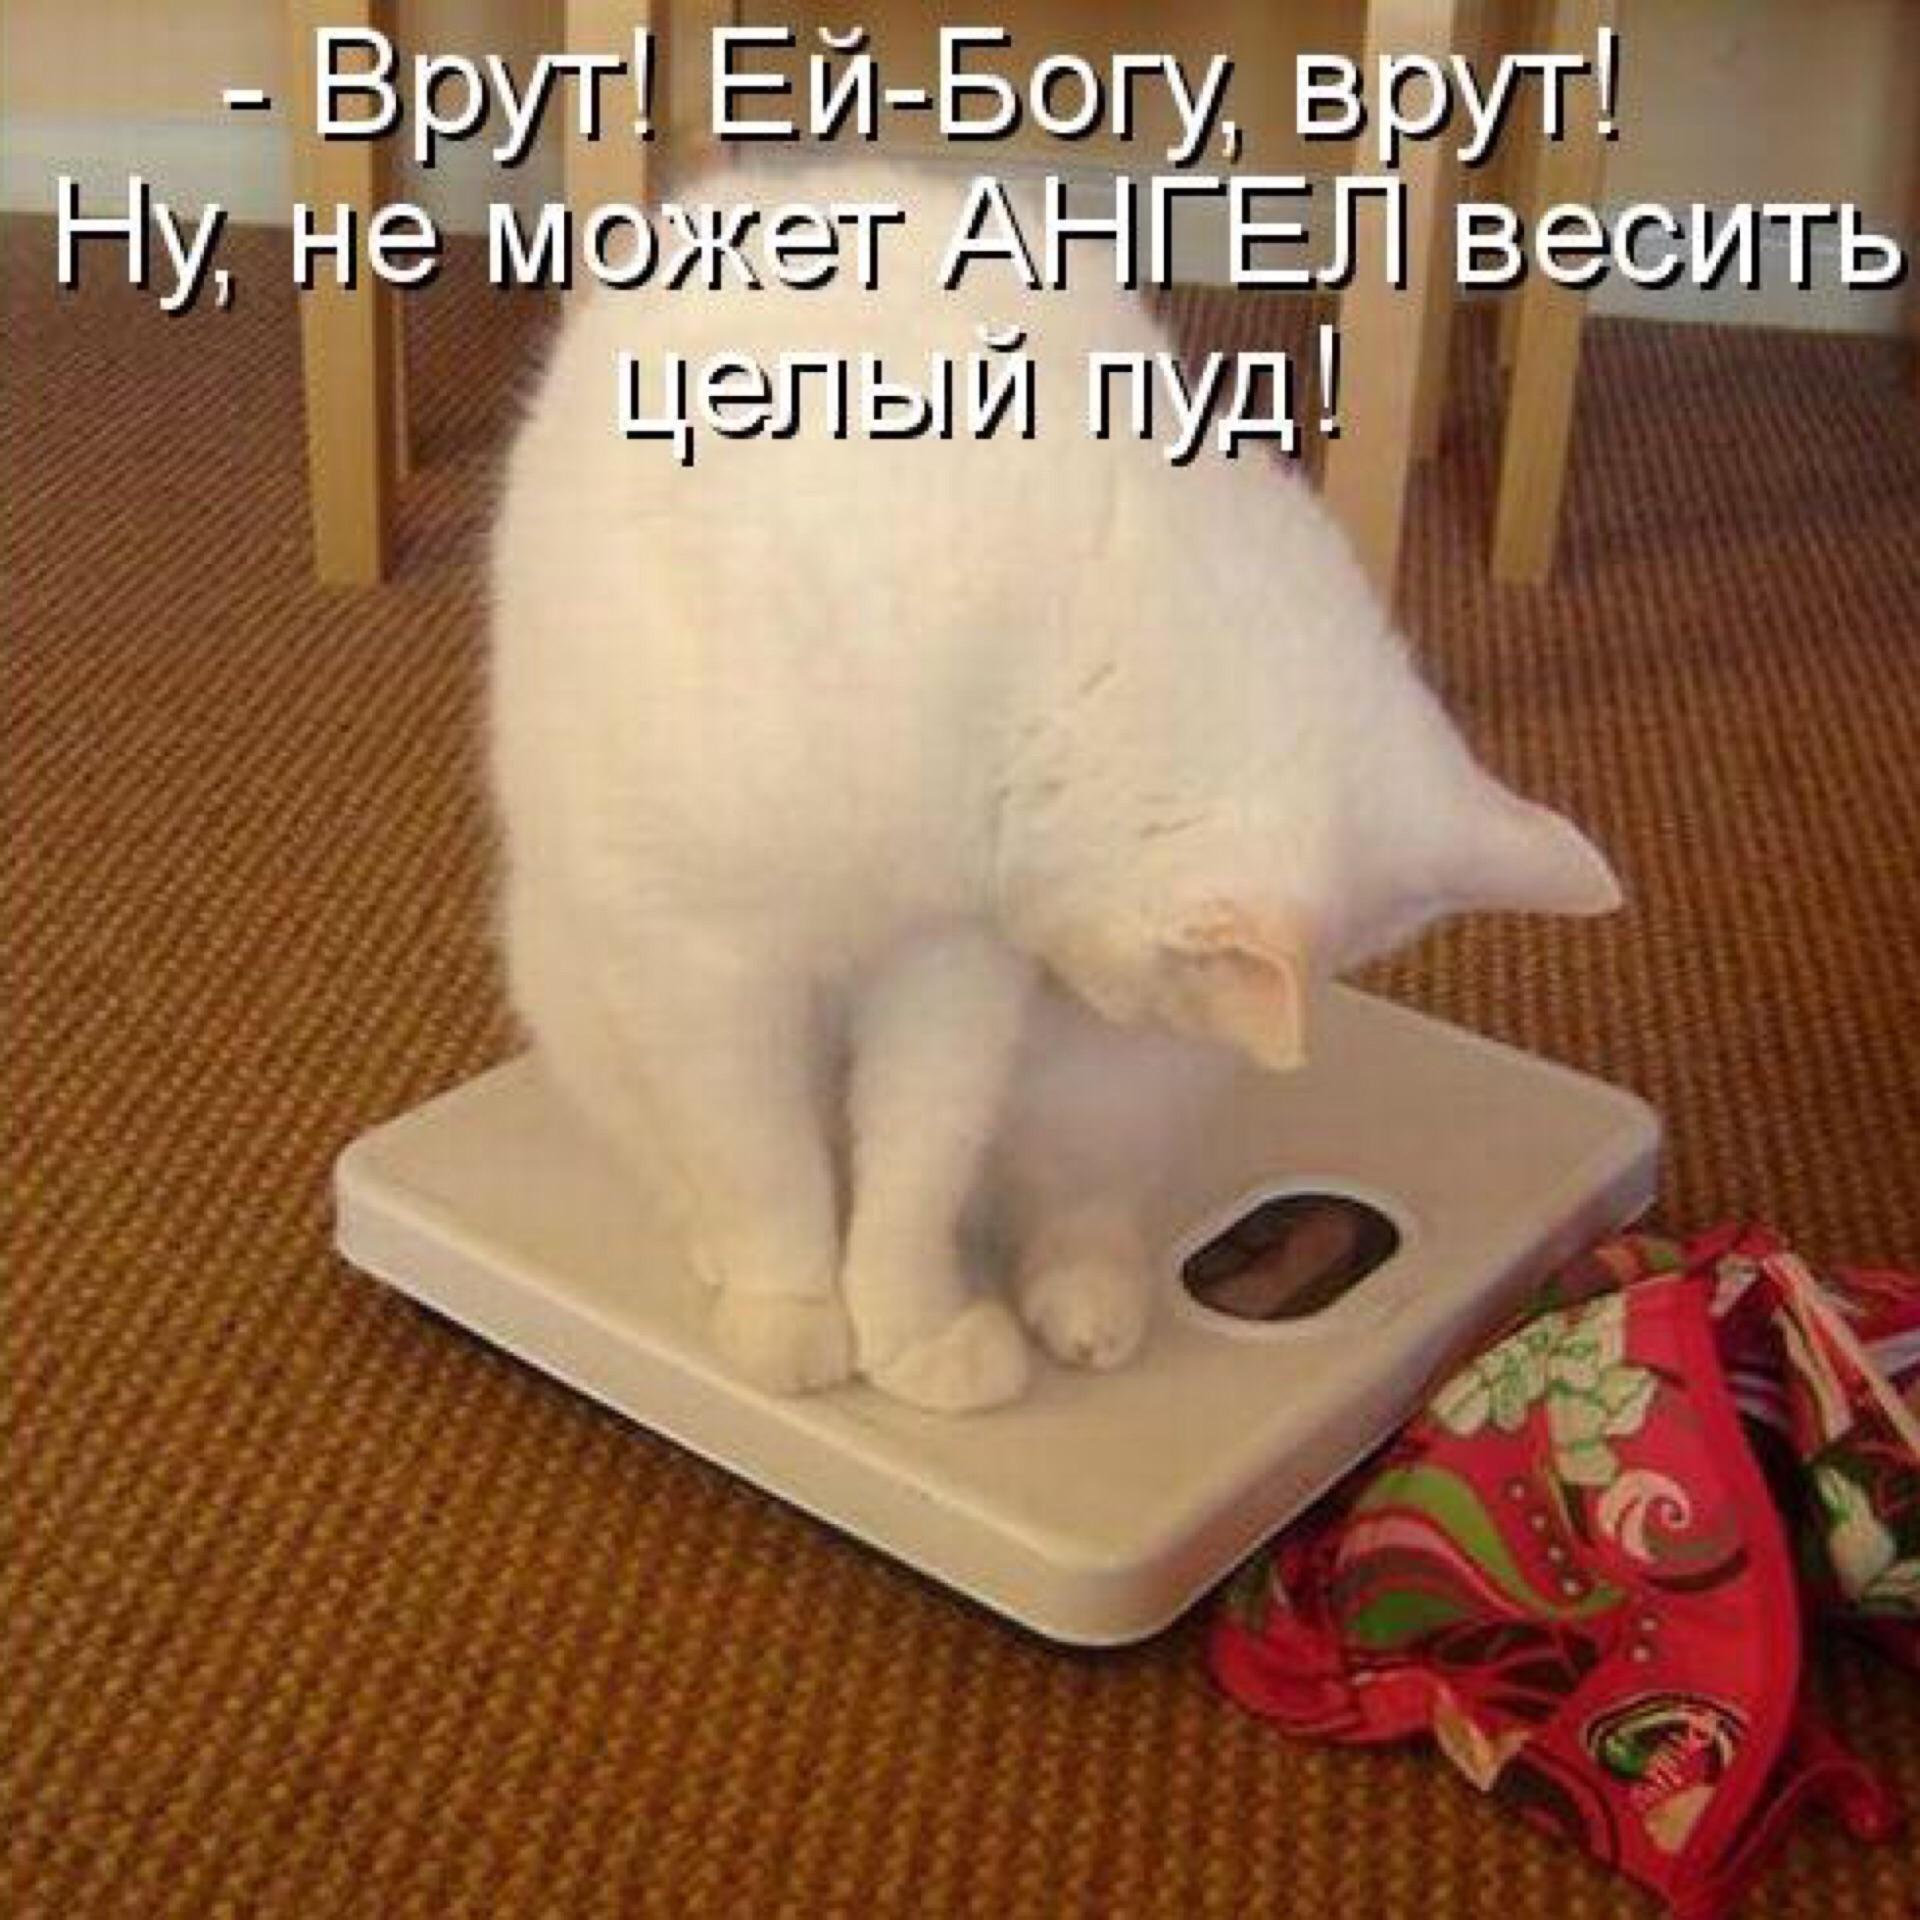 Кот похудел чем кормить чтобы он поправился